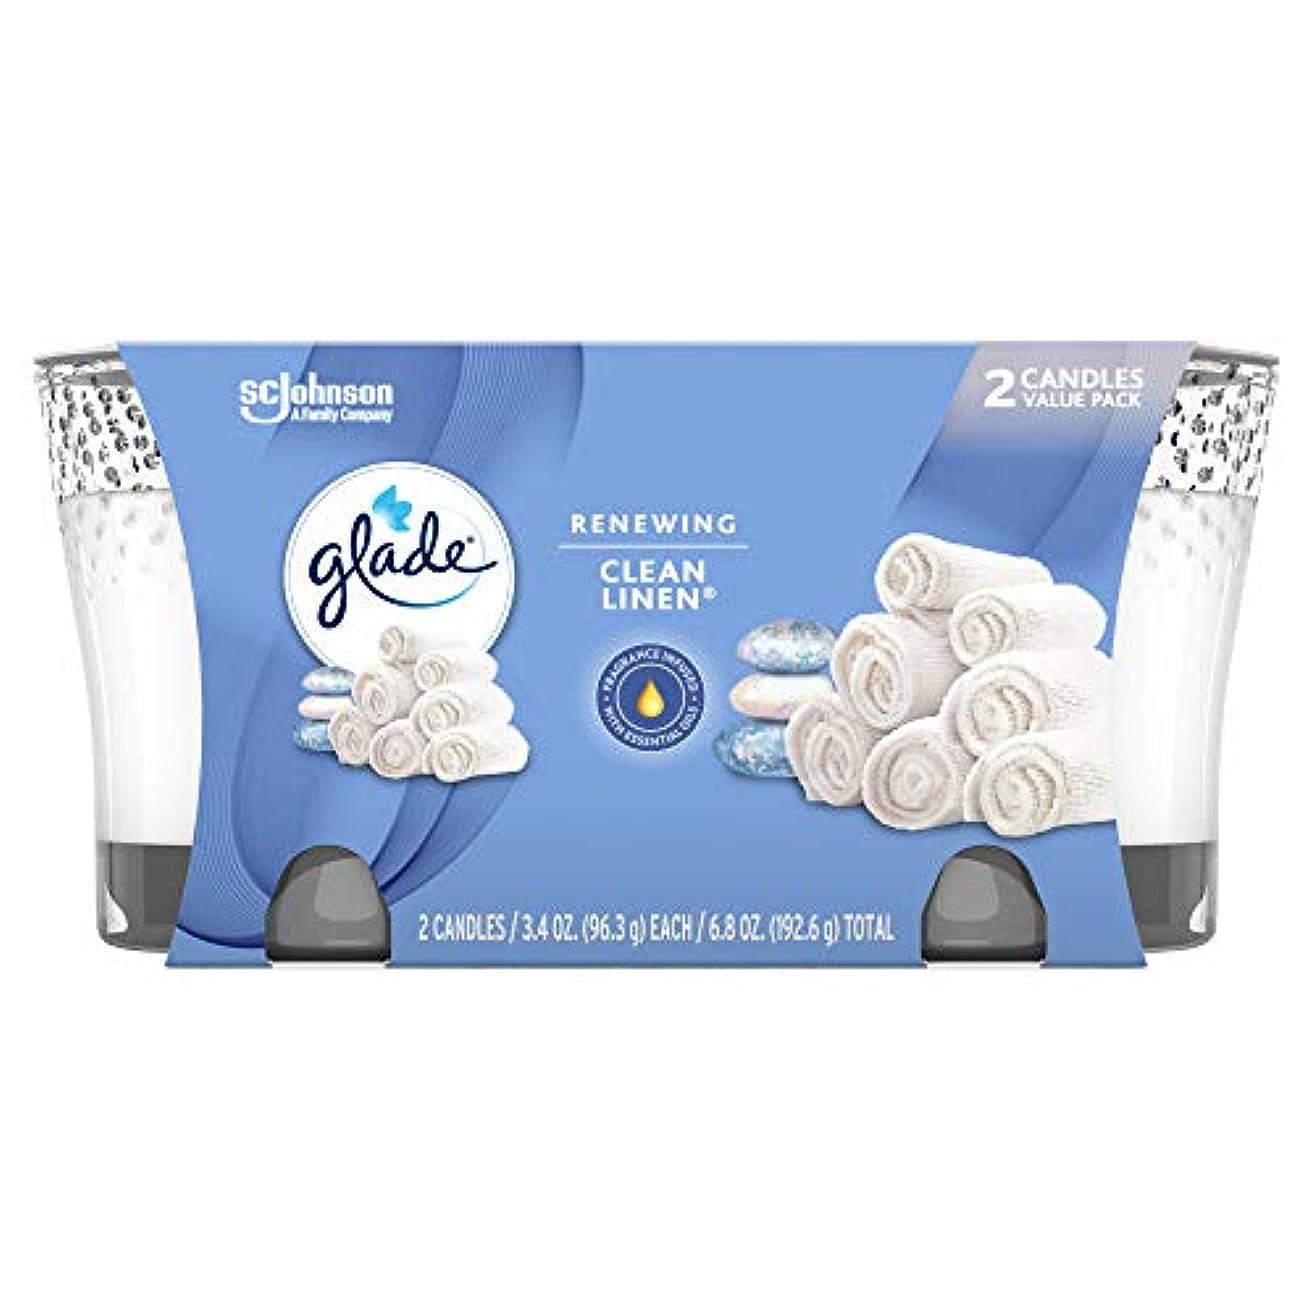 原子パースマンハッタンGlade Jar Candle Air Freshener, Clean Linen, 2 count, 6.8 Ounce by Glade